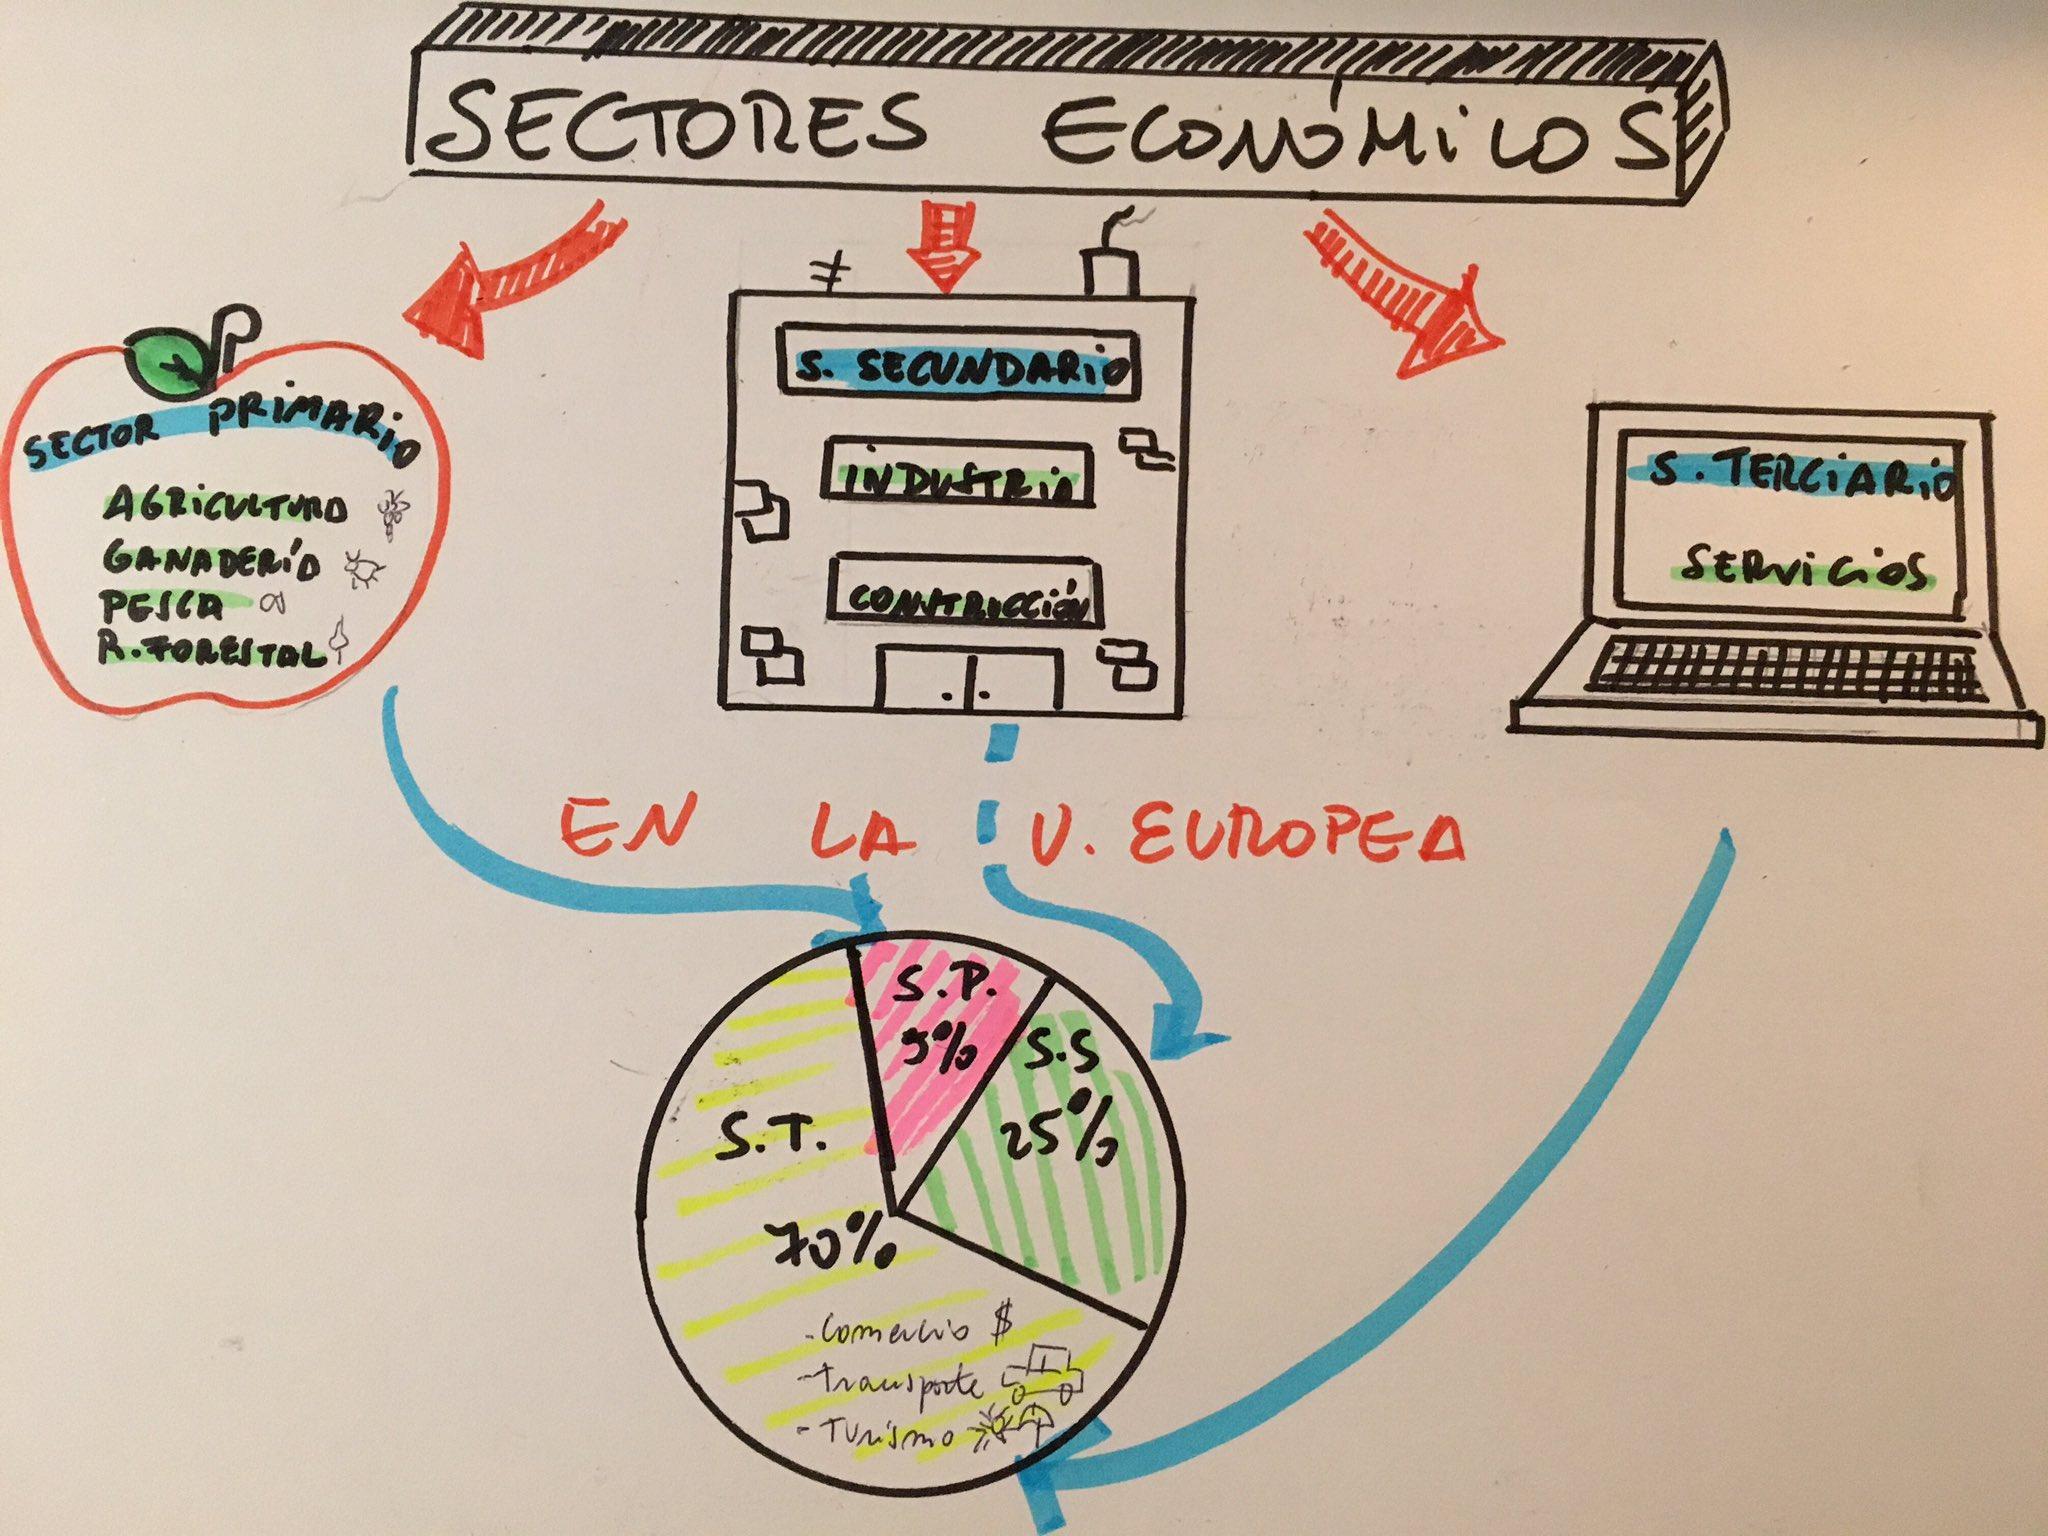 Mi intento de pensamiento visual en #PensarVisual para el Nooc Intef sobre los sectores económicos https://t.co/IAOkDPIaFW